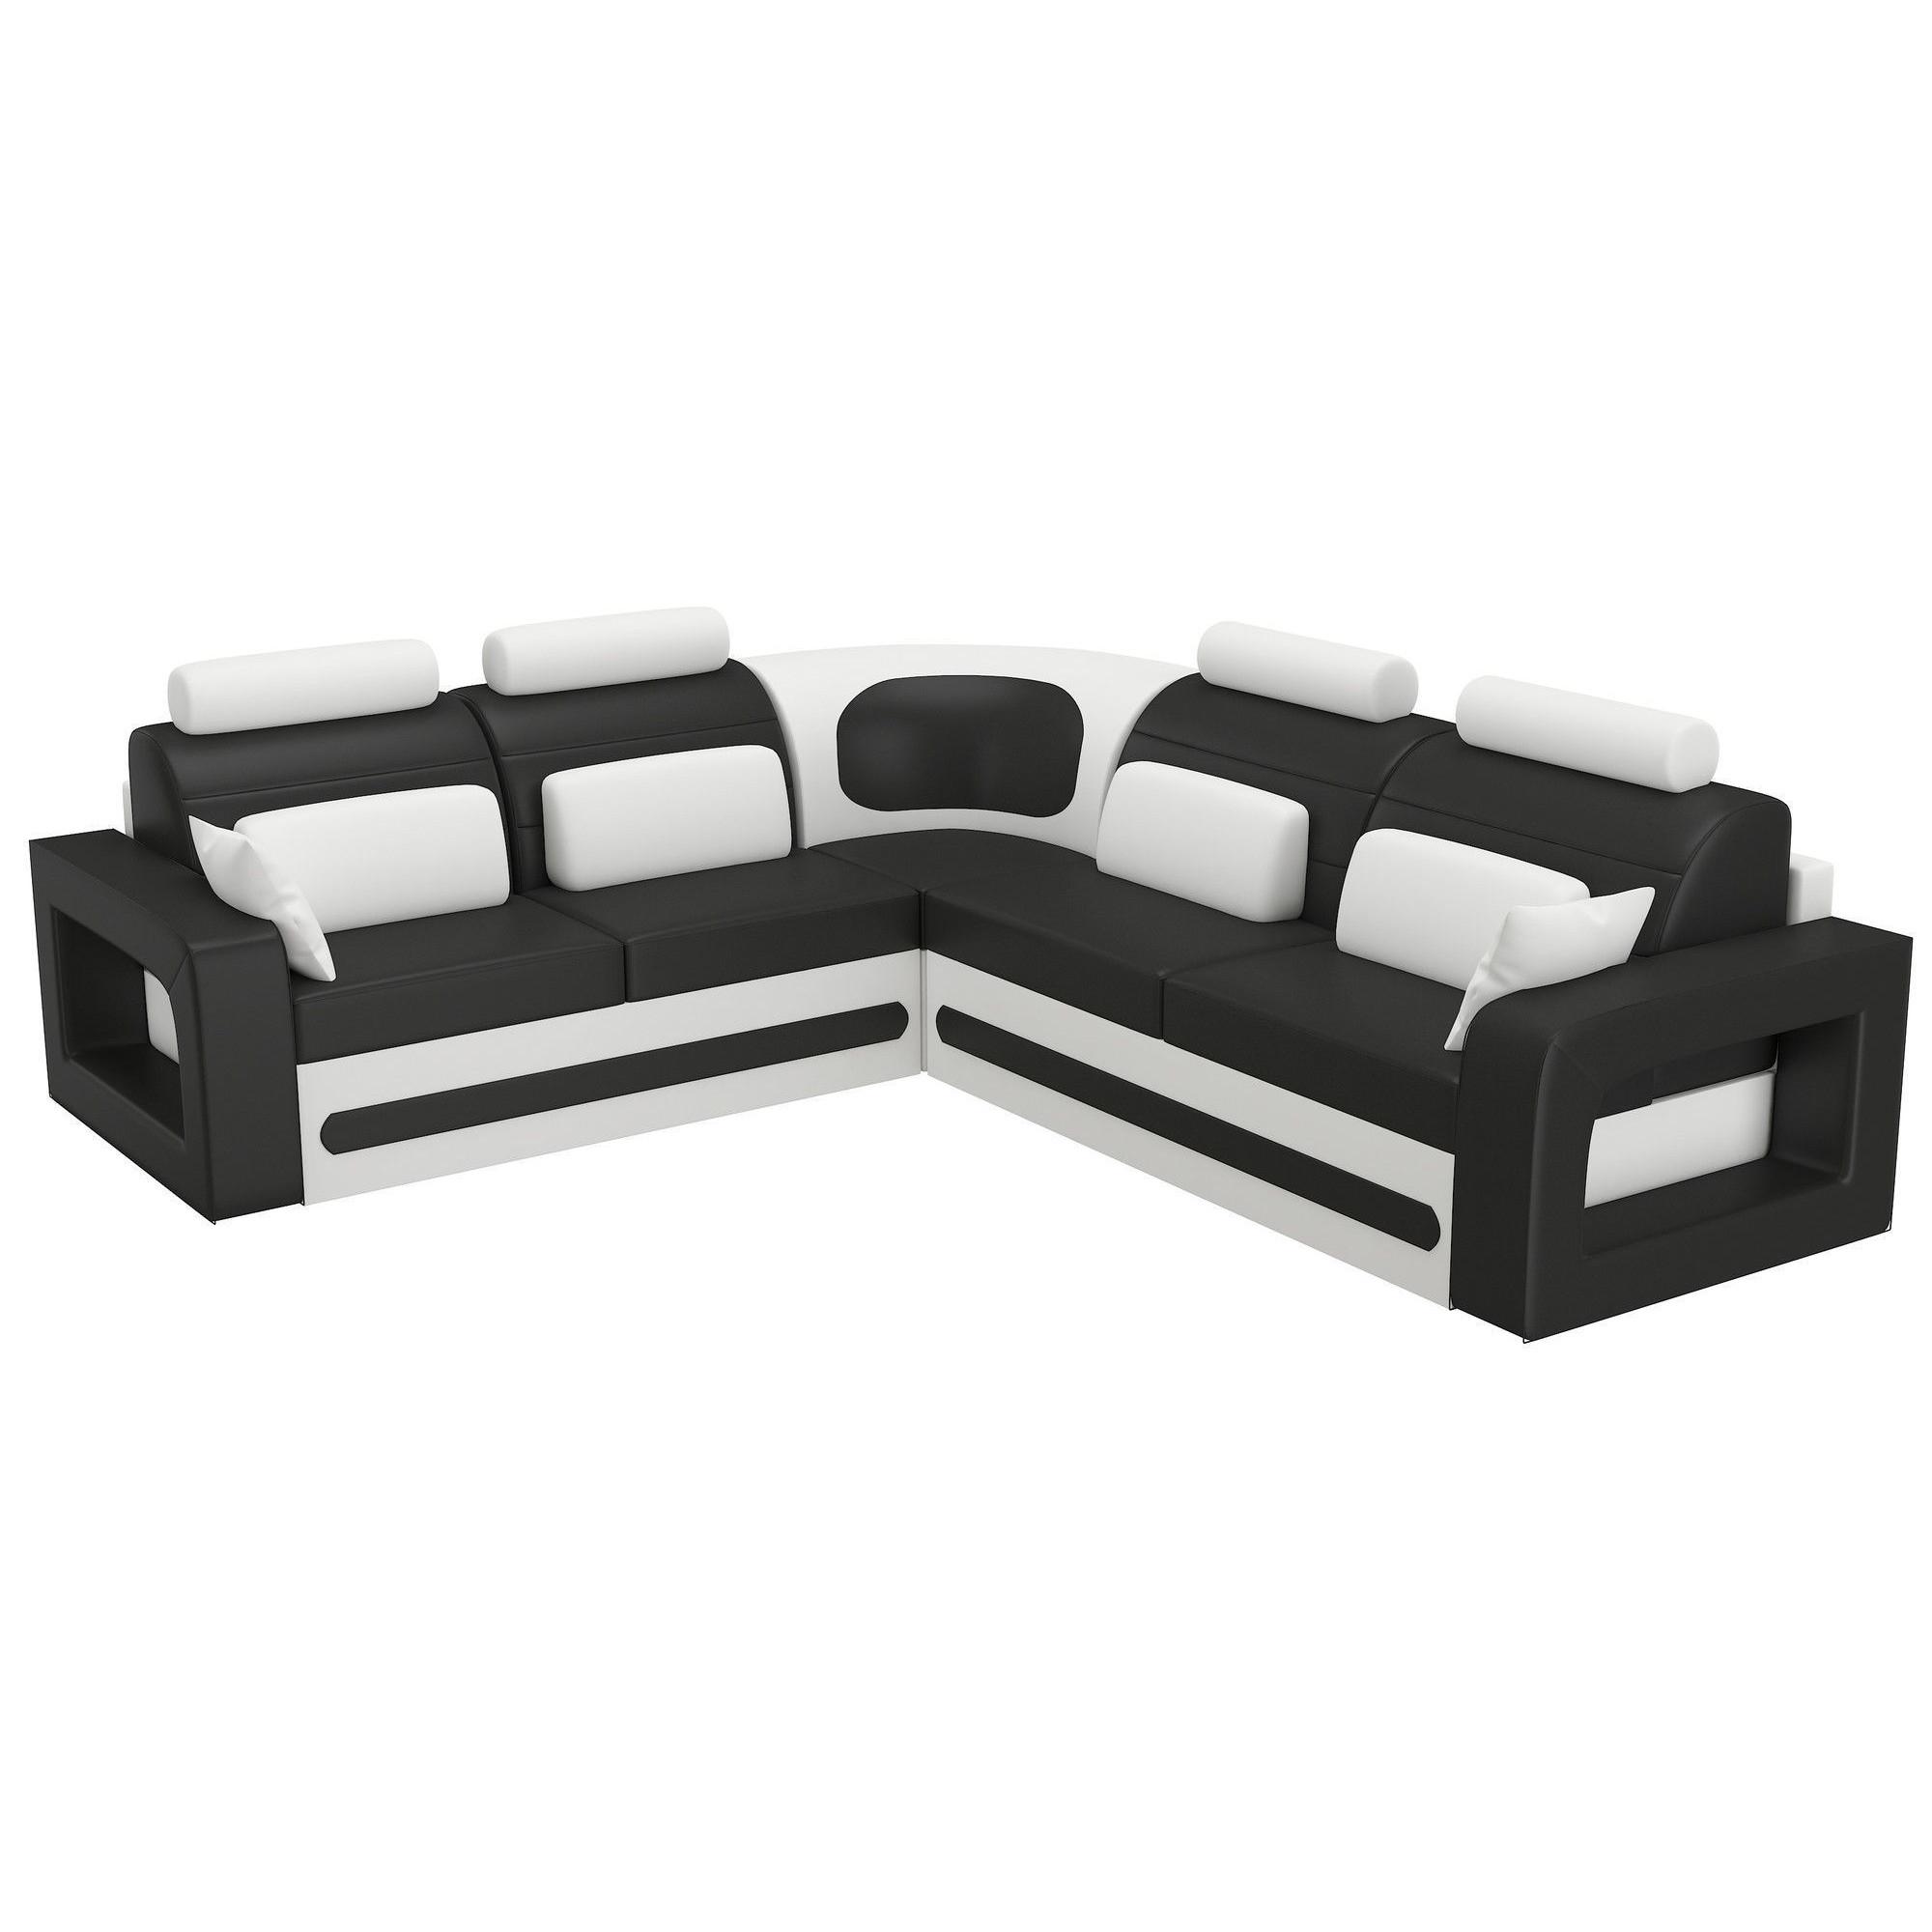 Canapé d angle convertible 5 places en pvc noir et blanc